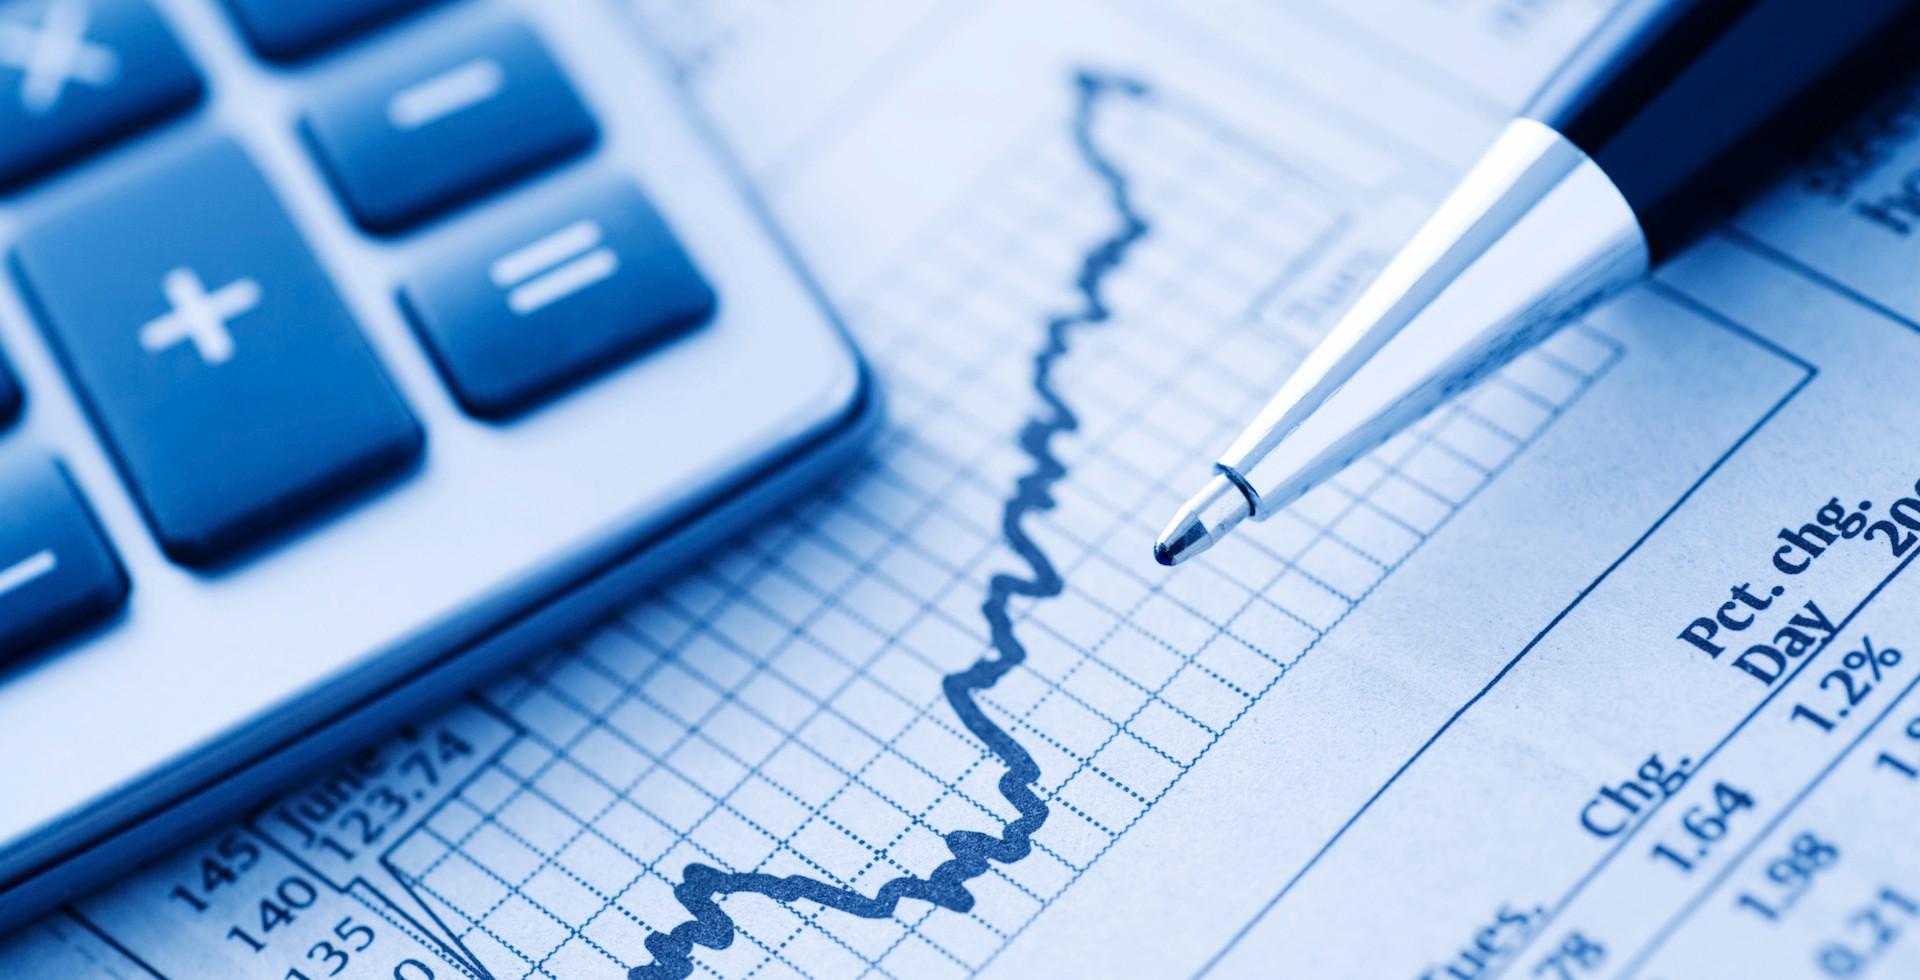 Enflasyon beklenti anketi belli oldu ! İşte beklenen artış oranı